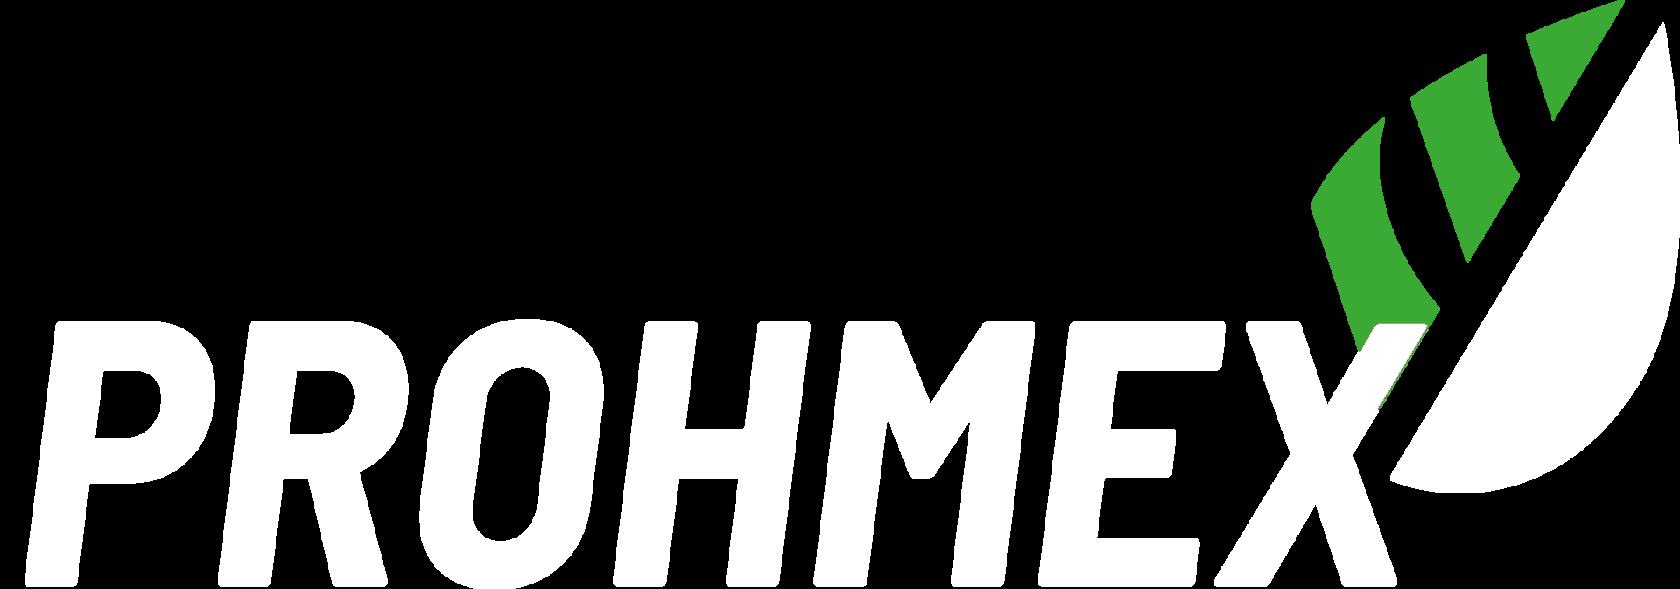 Prohmex Deutschland GmbH